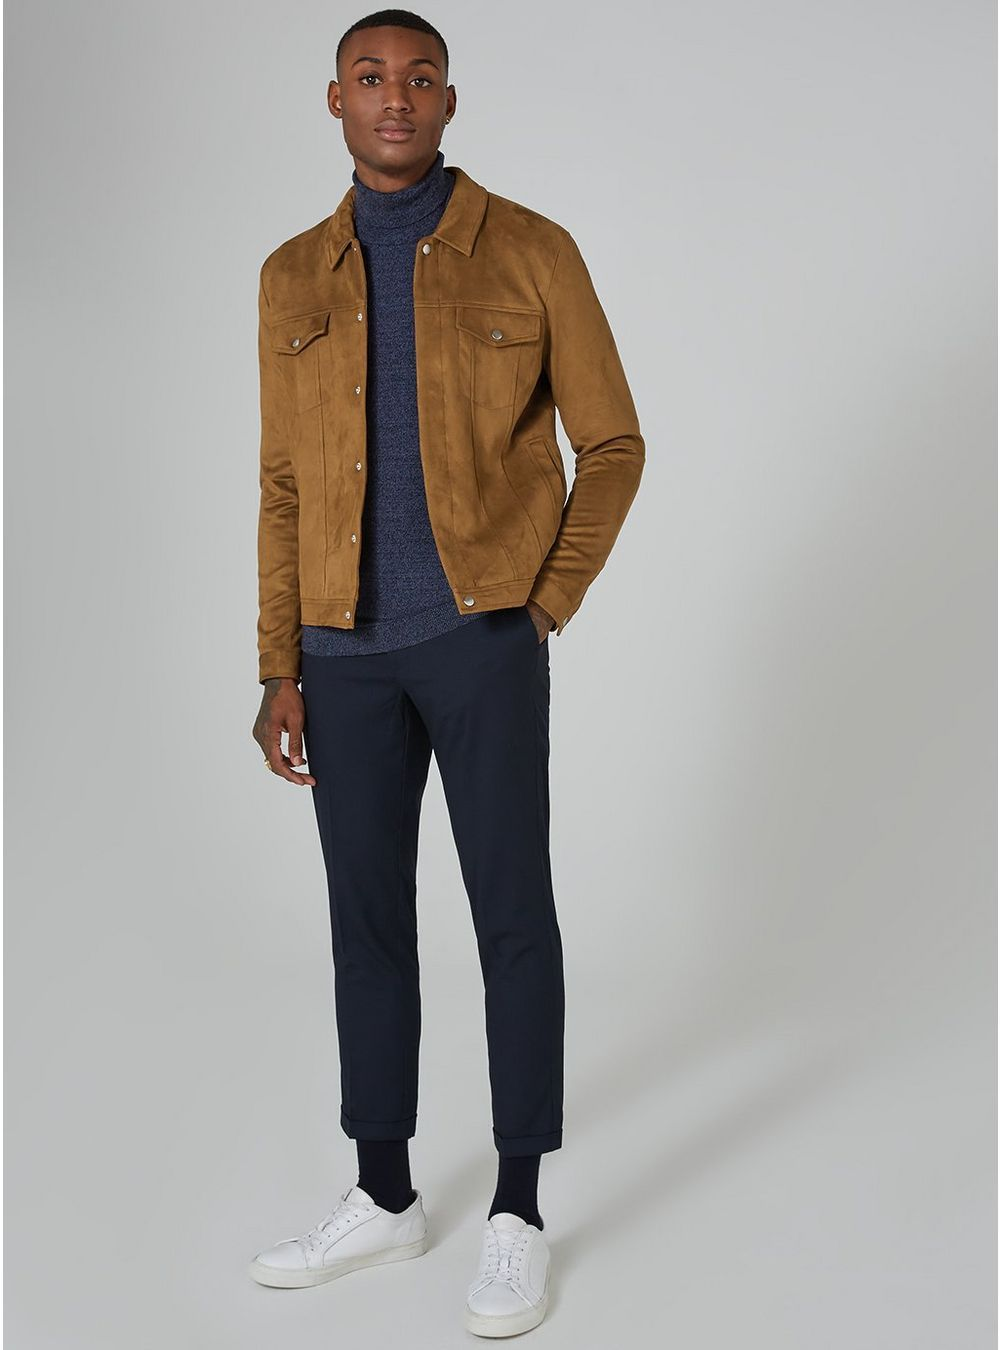 d1f75449 Tan Faux Suede Western Jacket - Men's Coats & Jackets - Clothing - TOPMAN